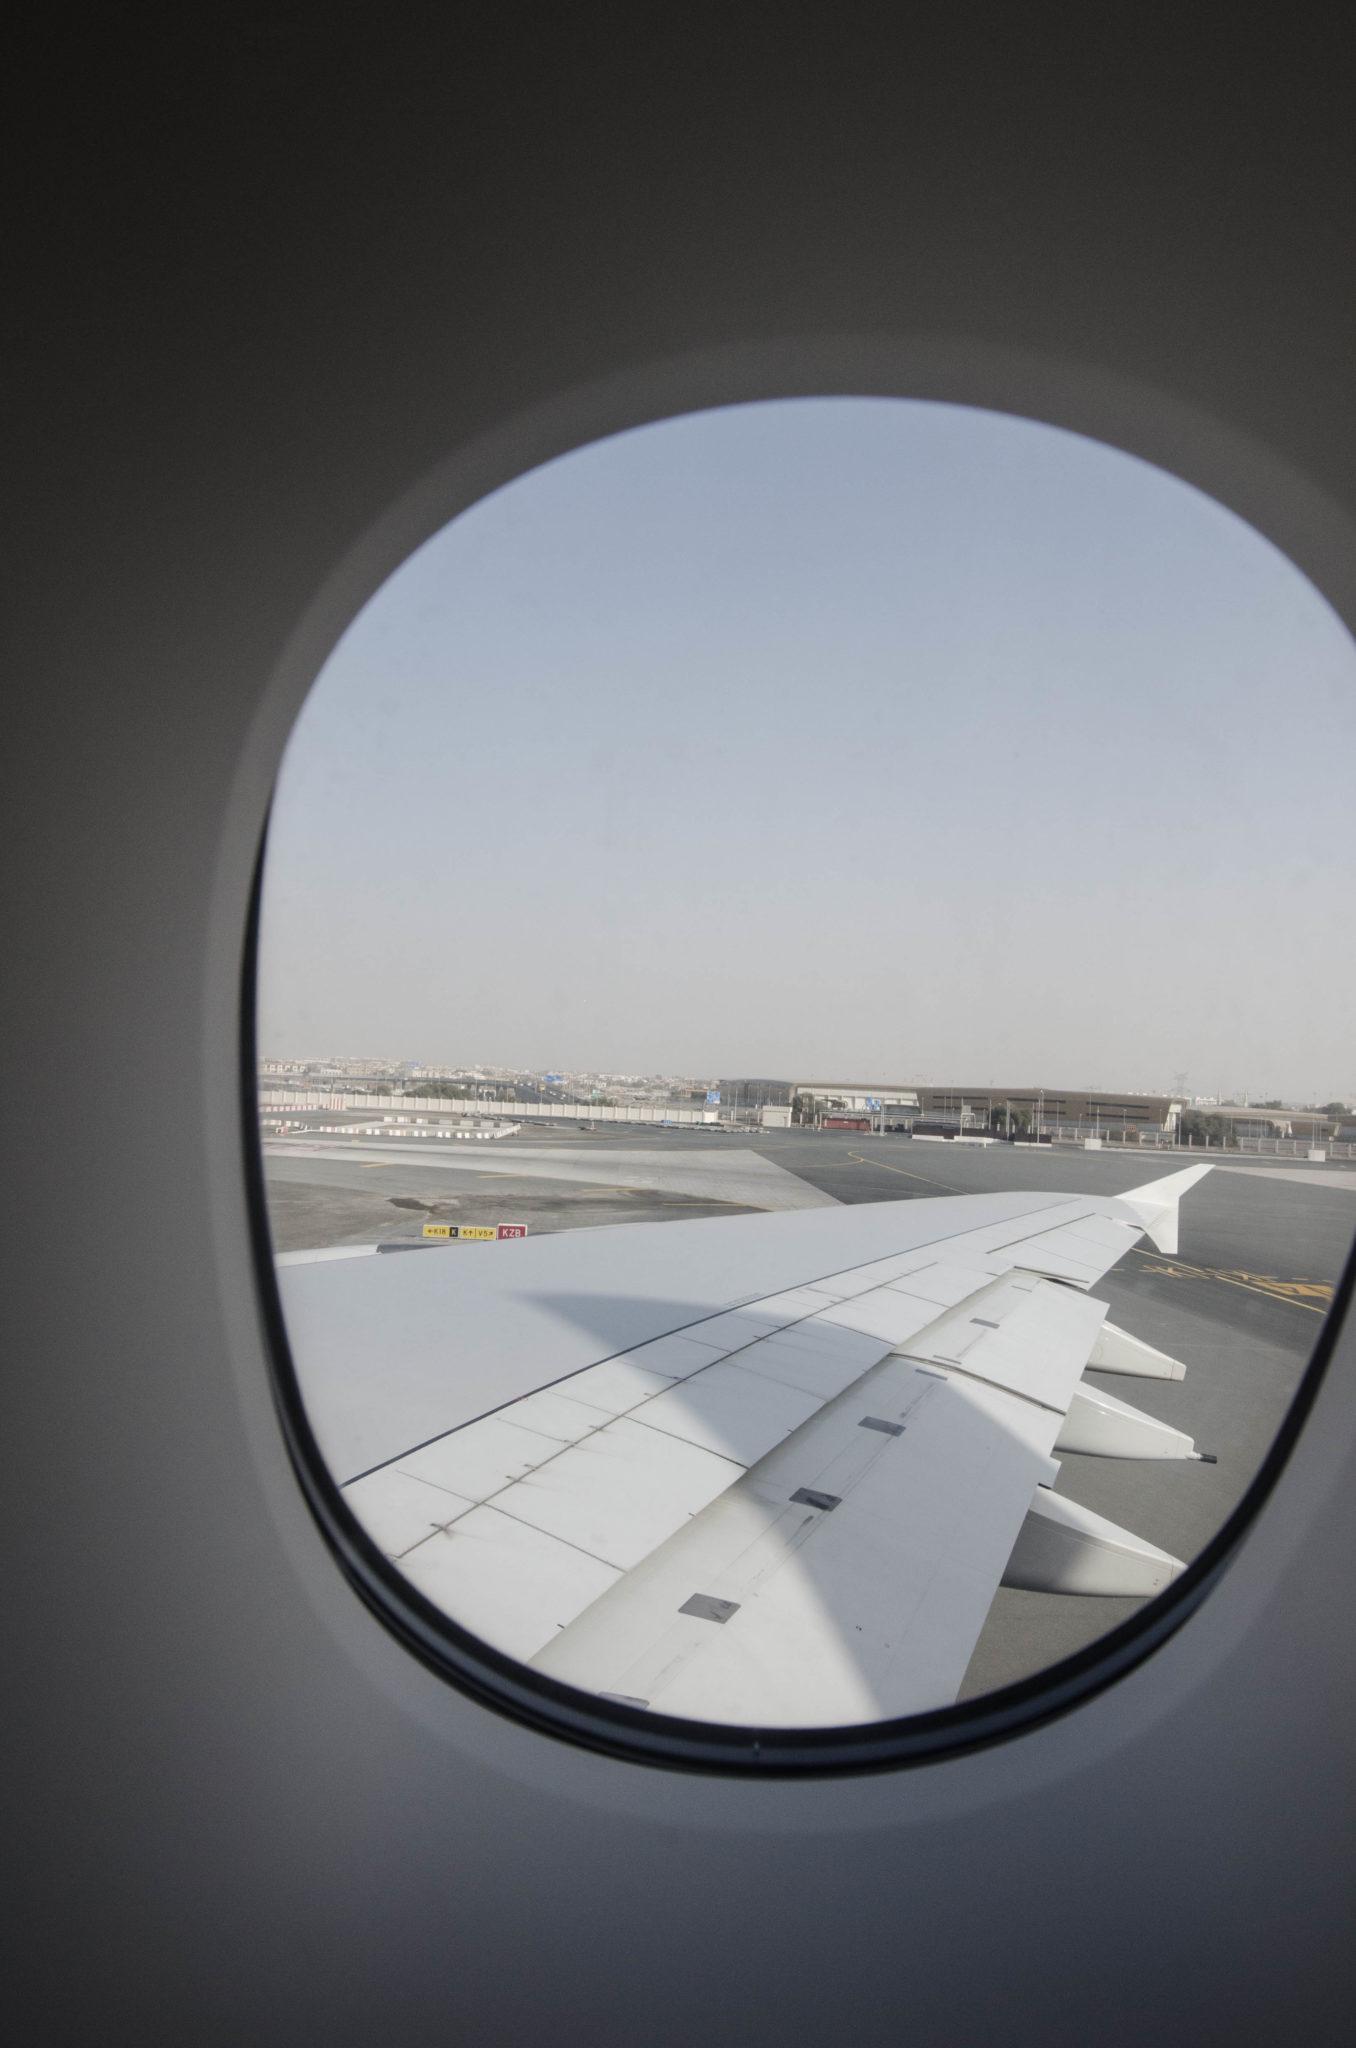 Ein letzter Blick nach draußen, dann geht's mit Emirates nach München.